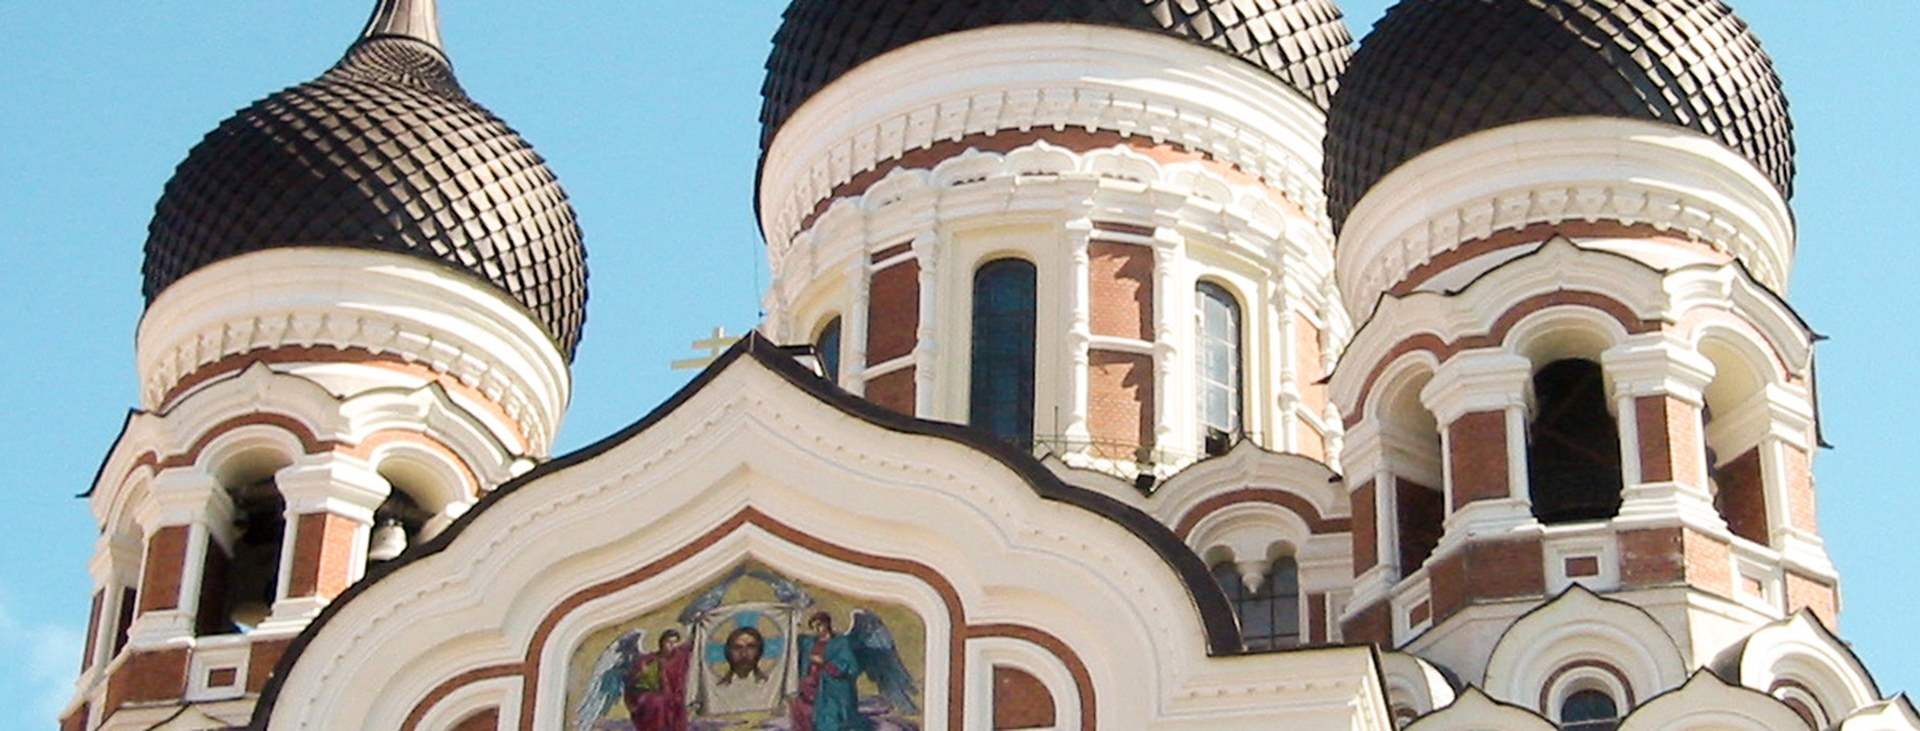 Vietä viikonloppu Virossa - varaa lento + hotelli